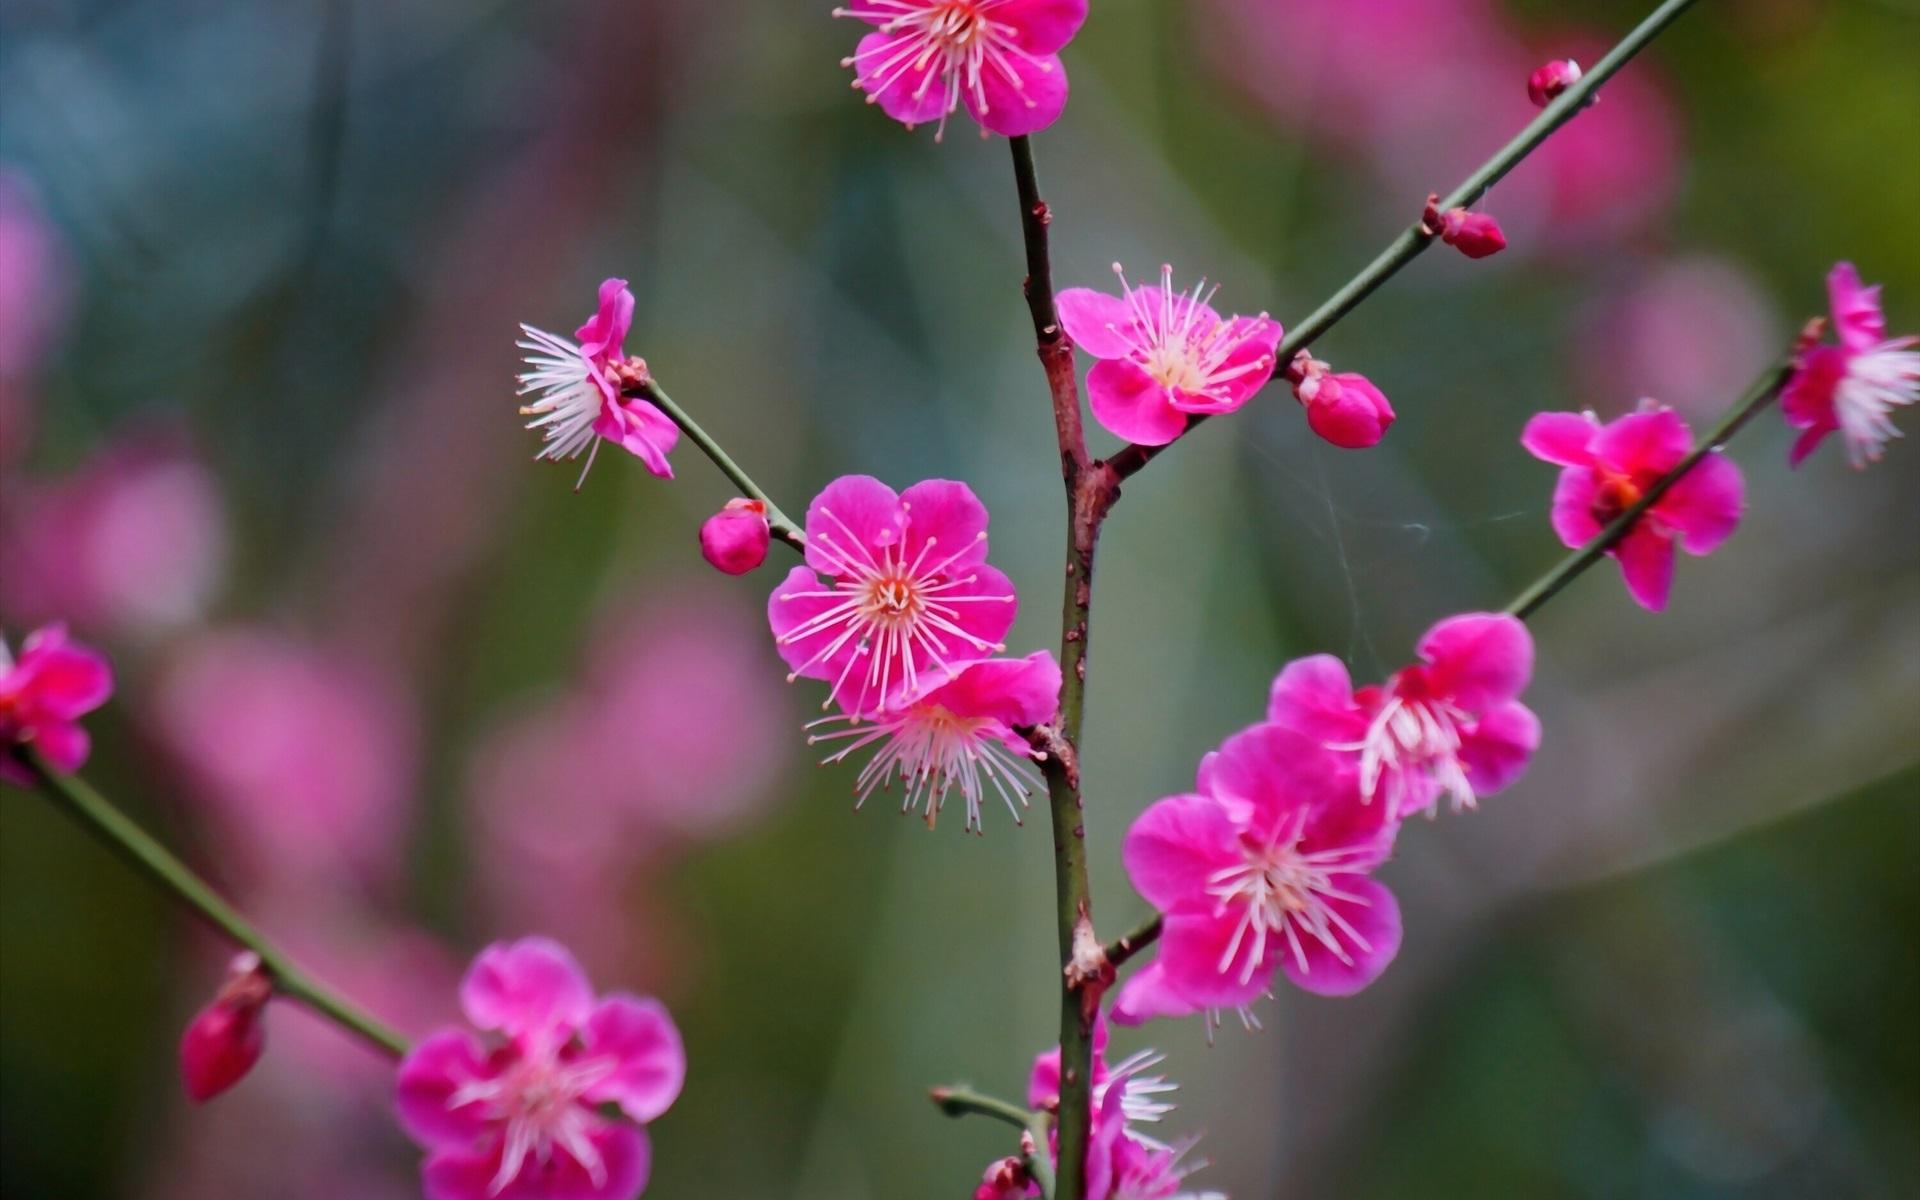 Fondos De Pantalla De Flores: Fondos De Pantalla Flores Japonesas Del Albaricoque Rosado